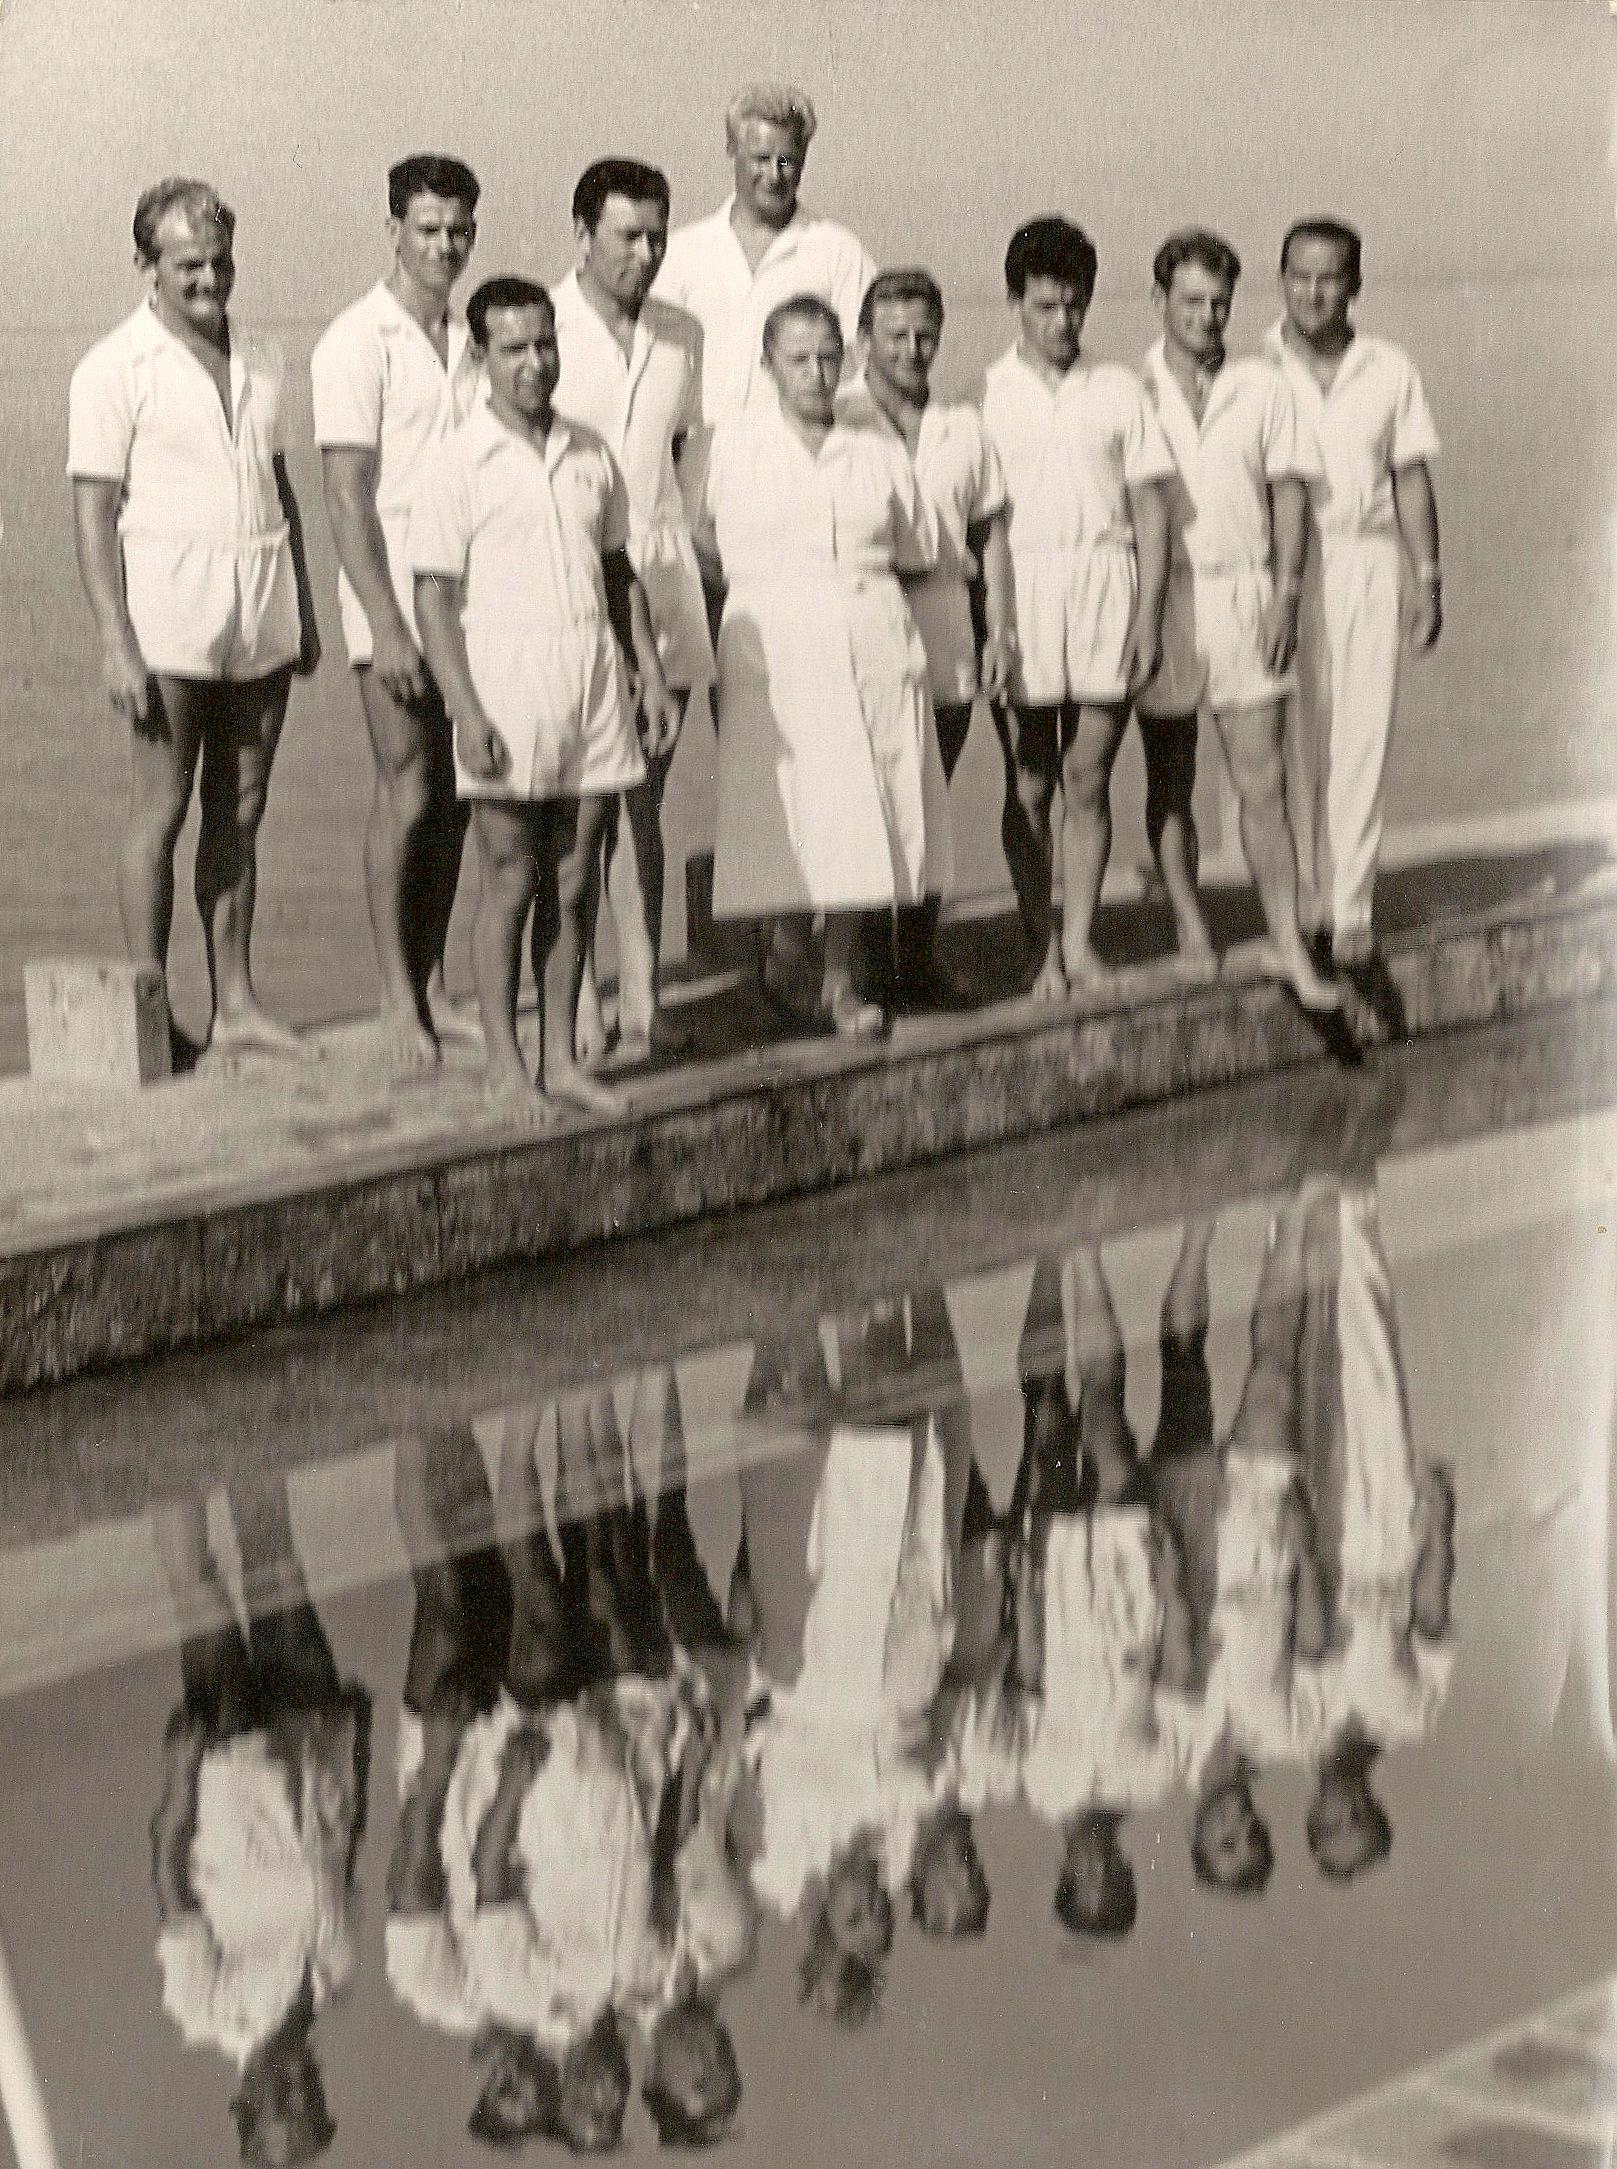 Piscine de bellerive lausanne notre histoire for Bellerive lausanne piscine